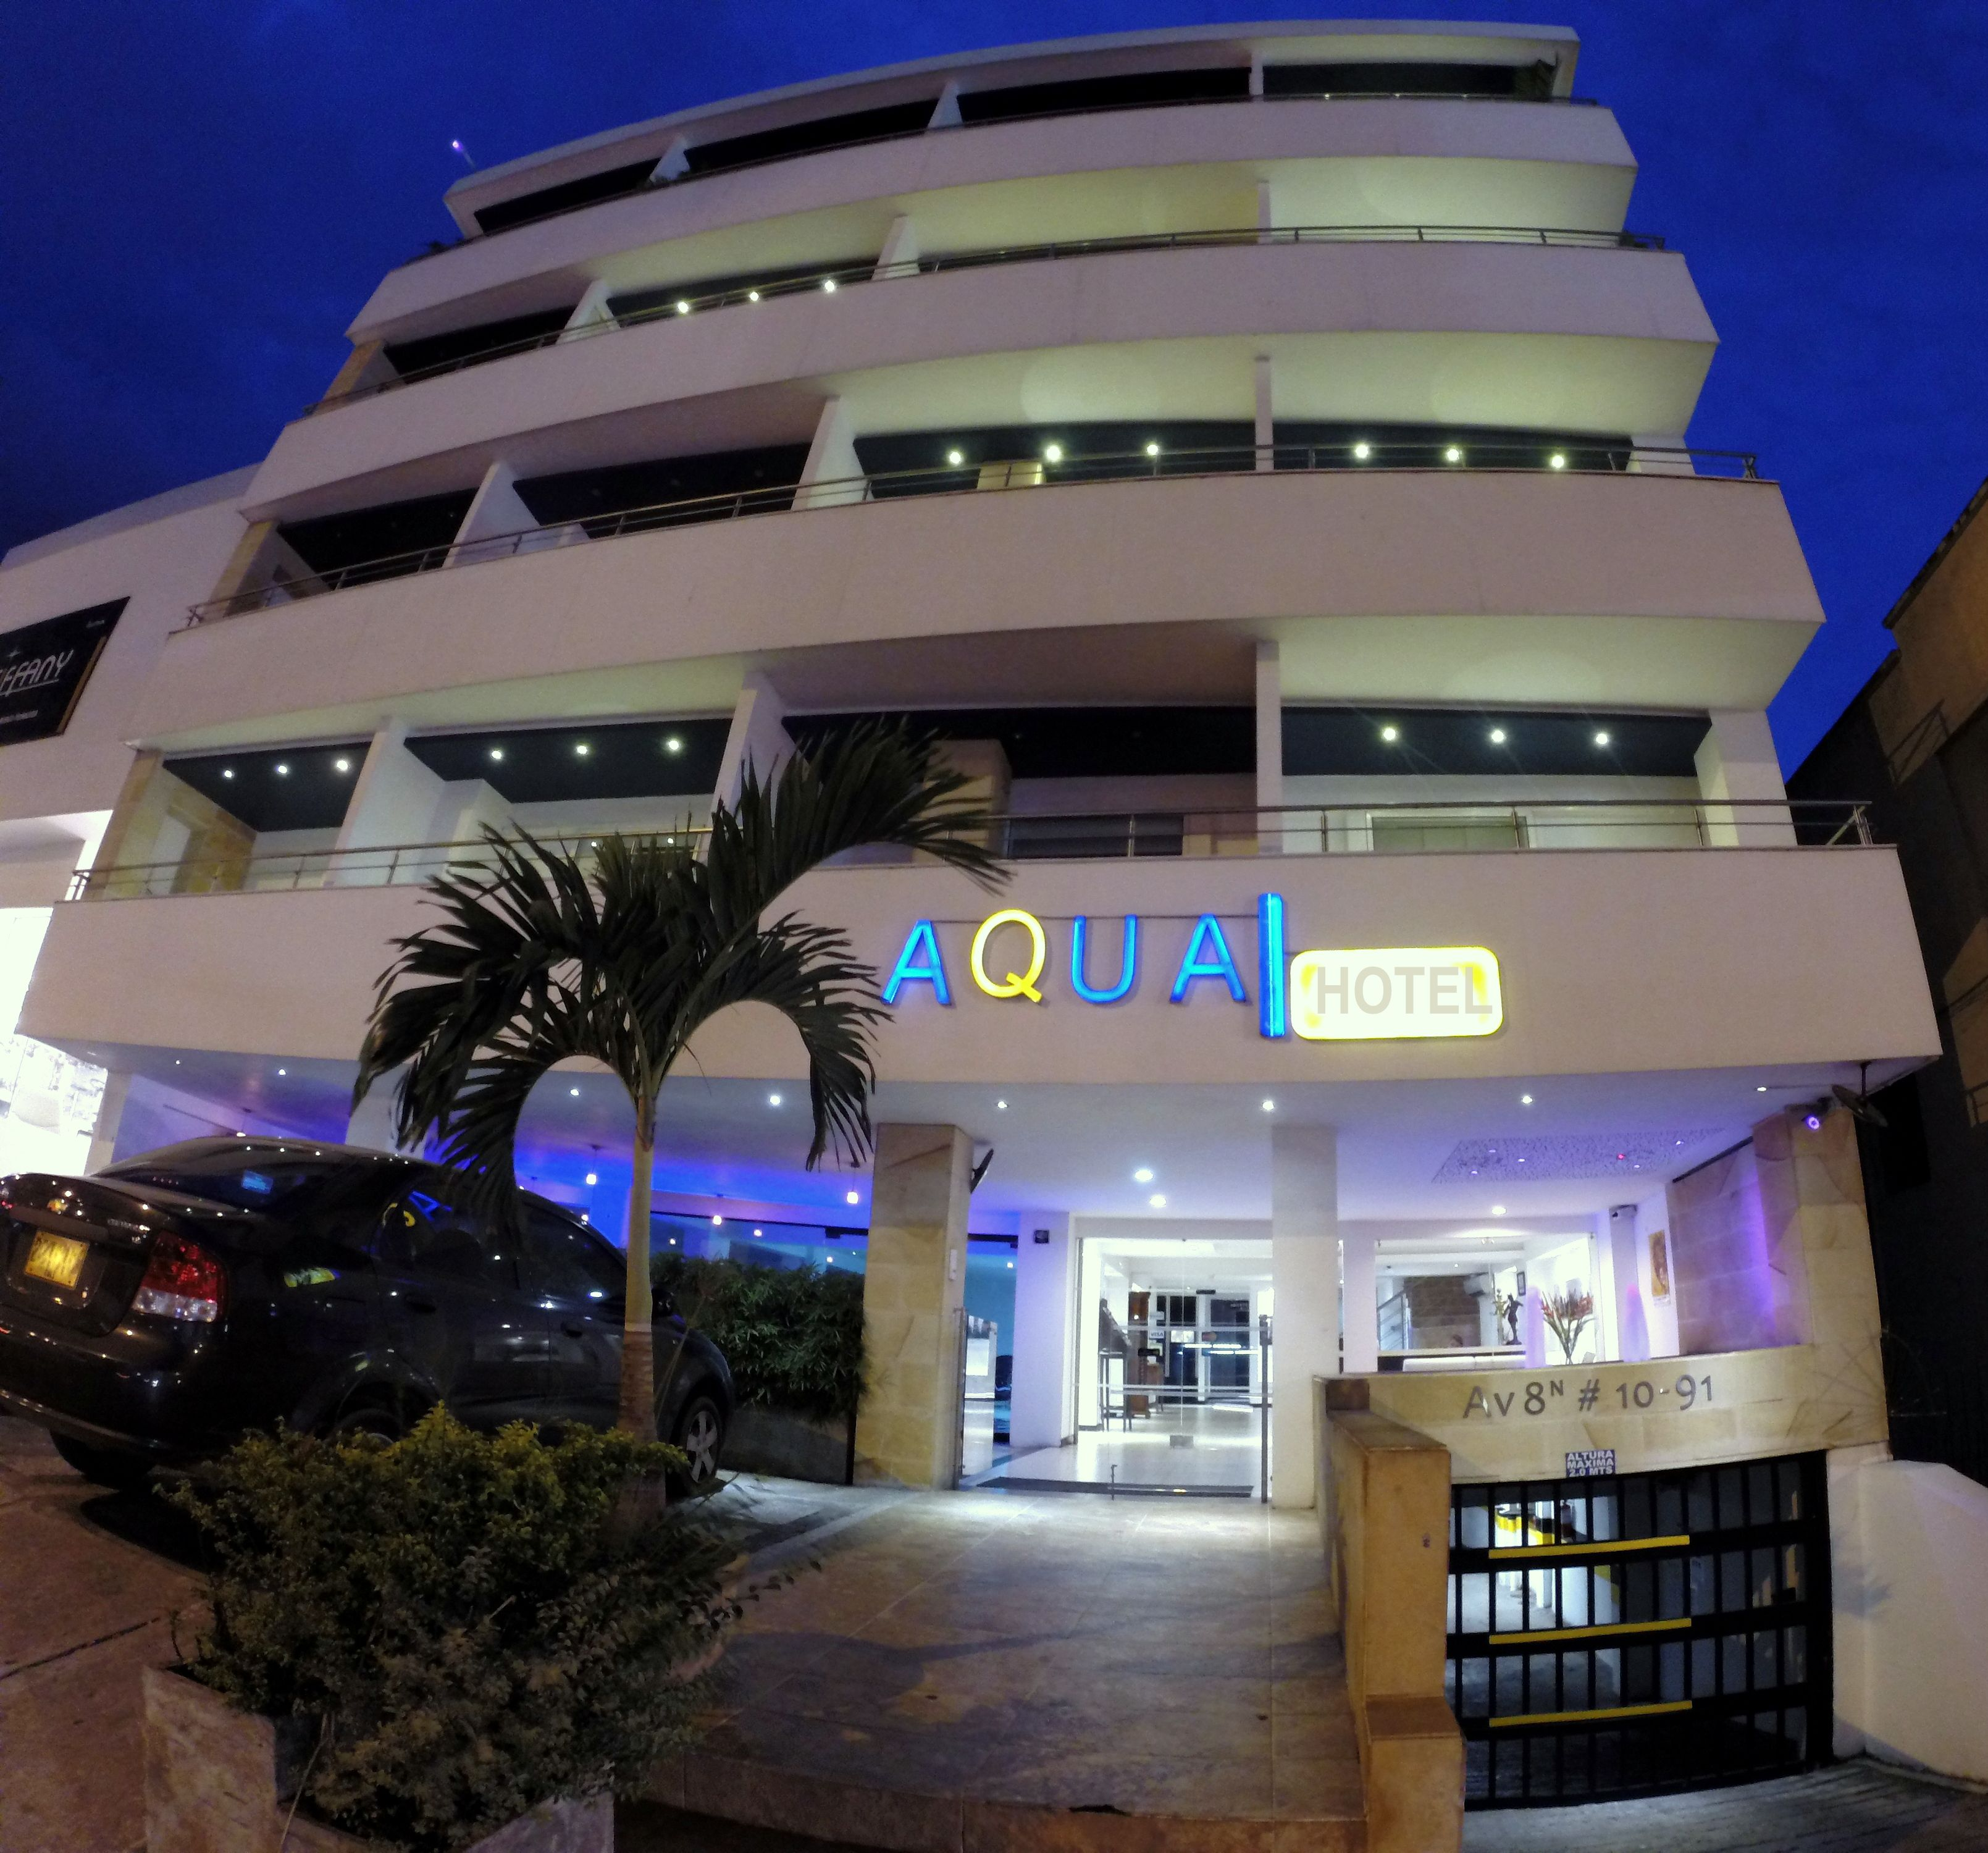 Un Pequeno Hotel Con Encanto En Cali Cerca De Todo Y Con Todo Lo Que Necesitas Www Aquahotelcali Co Hotel Con Encanto Hoteles Hotel